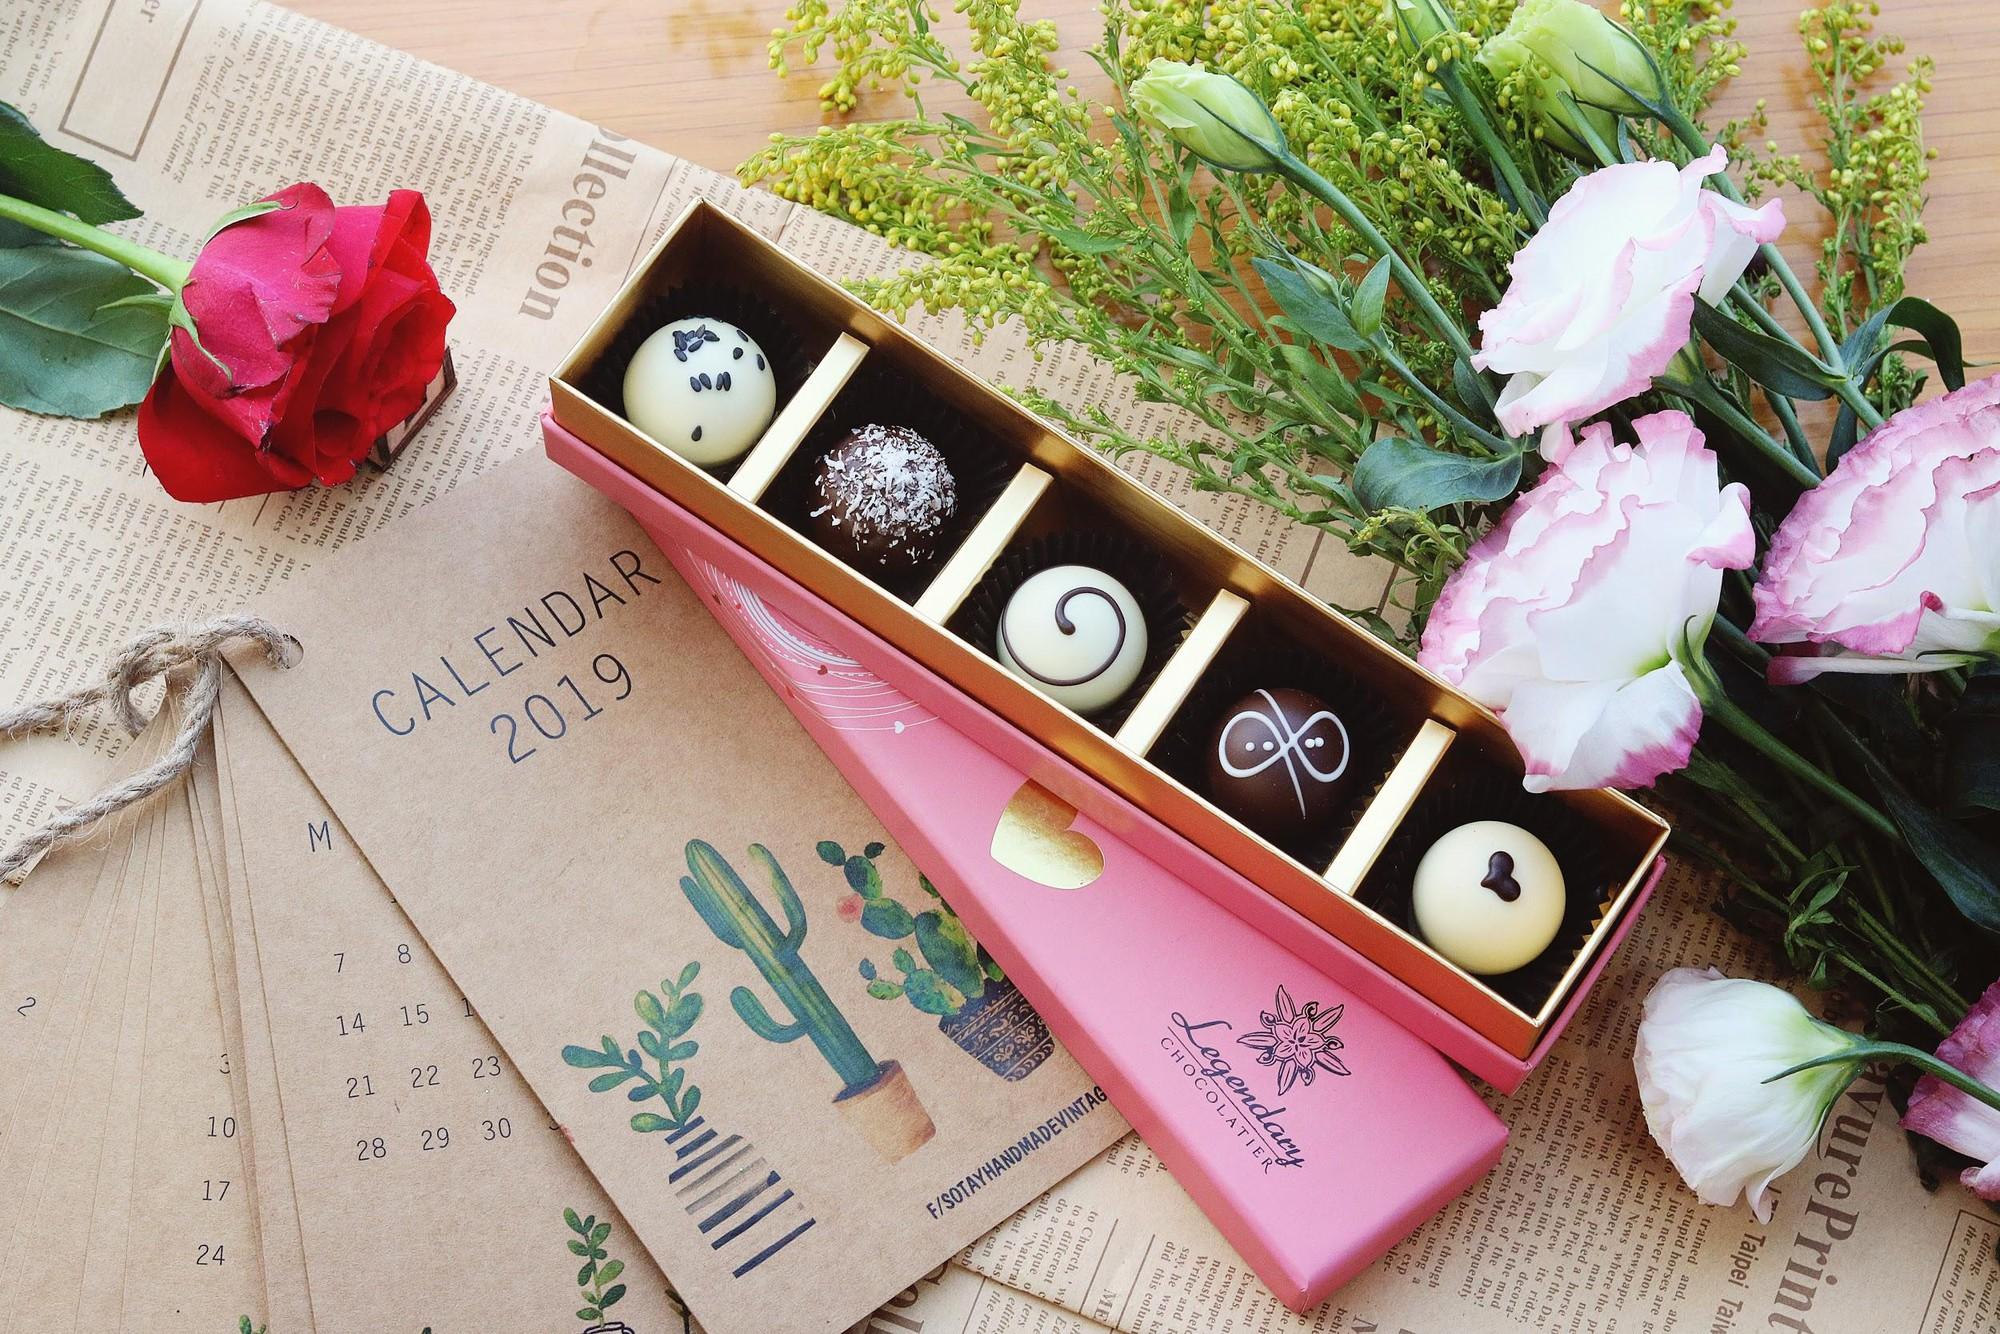 Tặng nhau chocolate ngày Valentine, đừng quên ý nghĩa vì sao nó lại là đại sứ hoàn hảo cho lời tỏ tình của bạn - Ảnh 5.